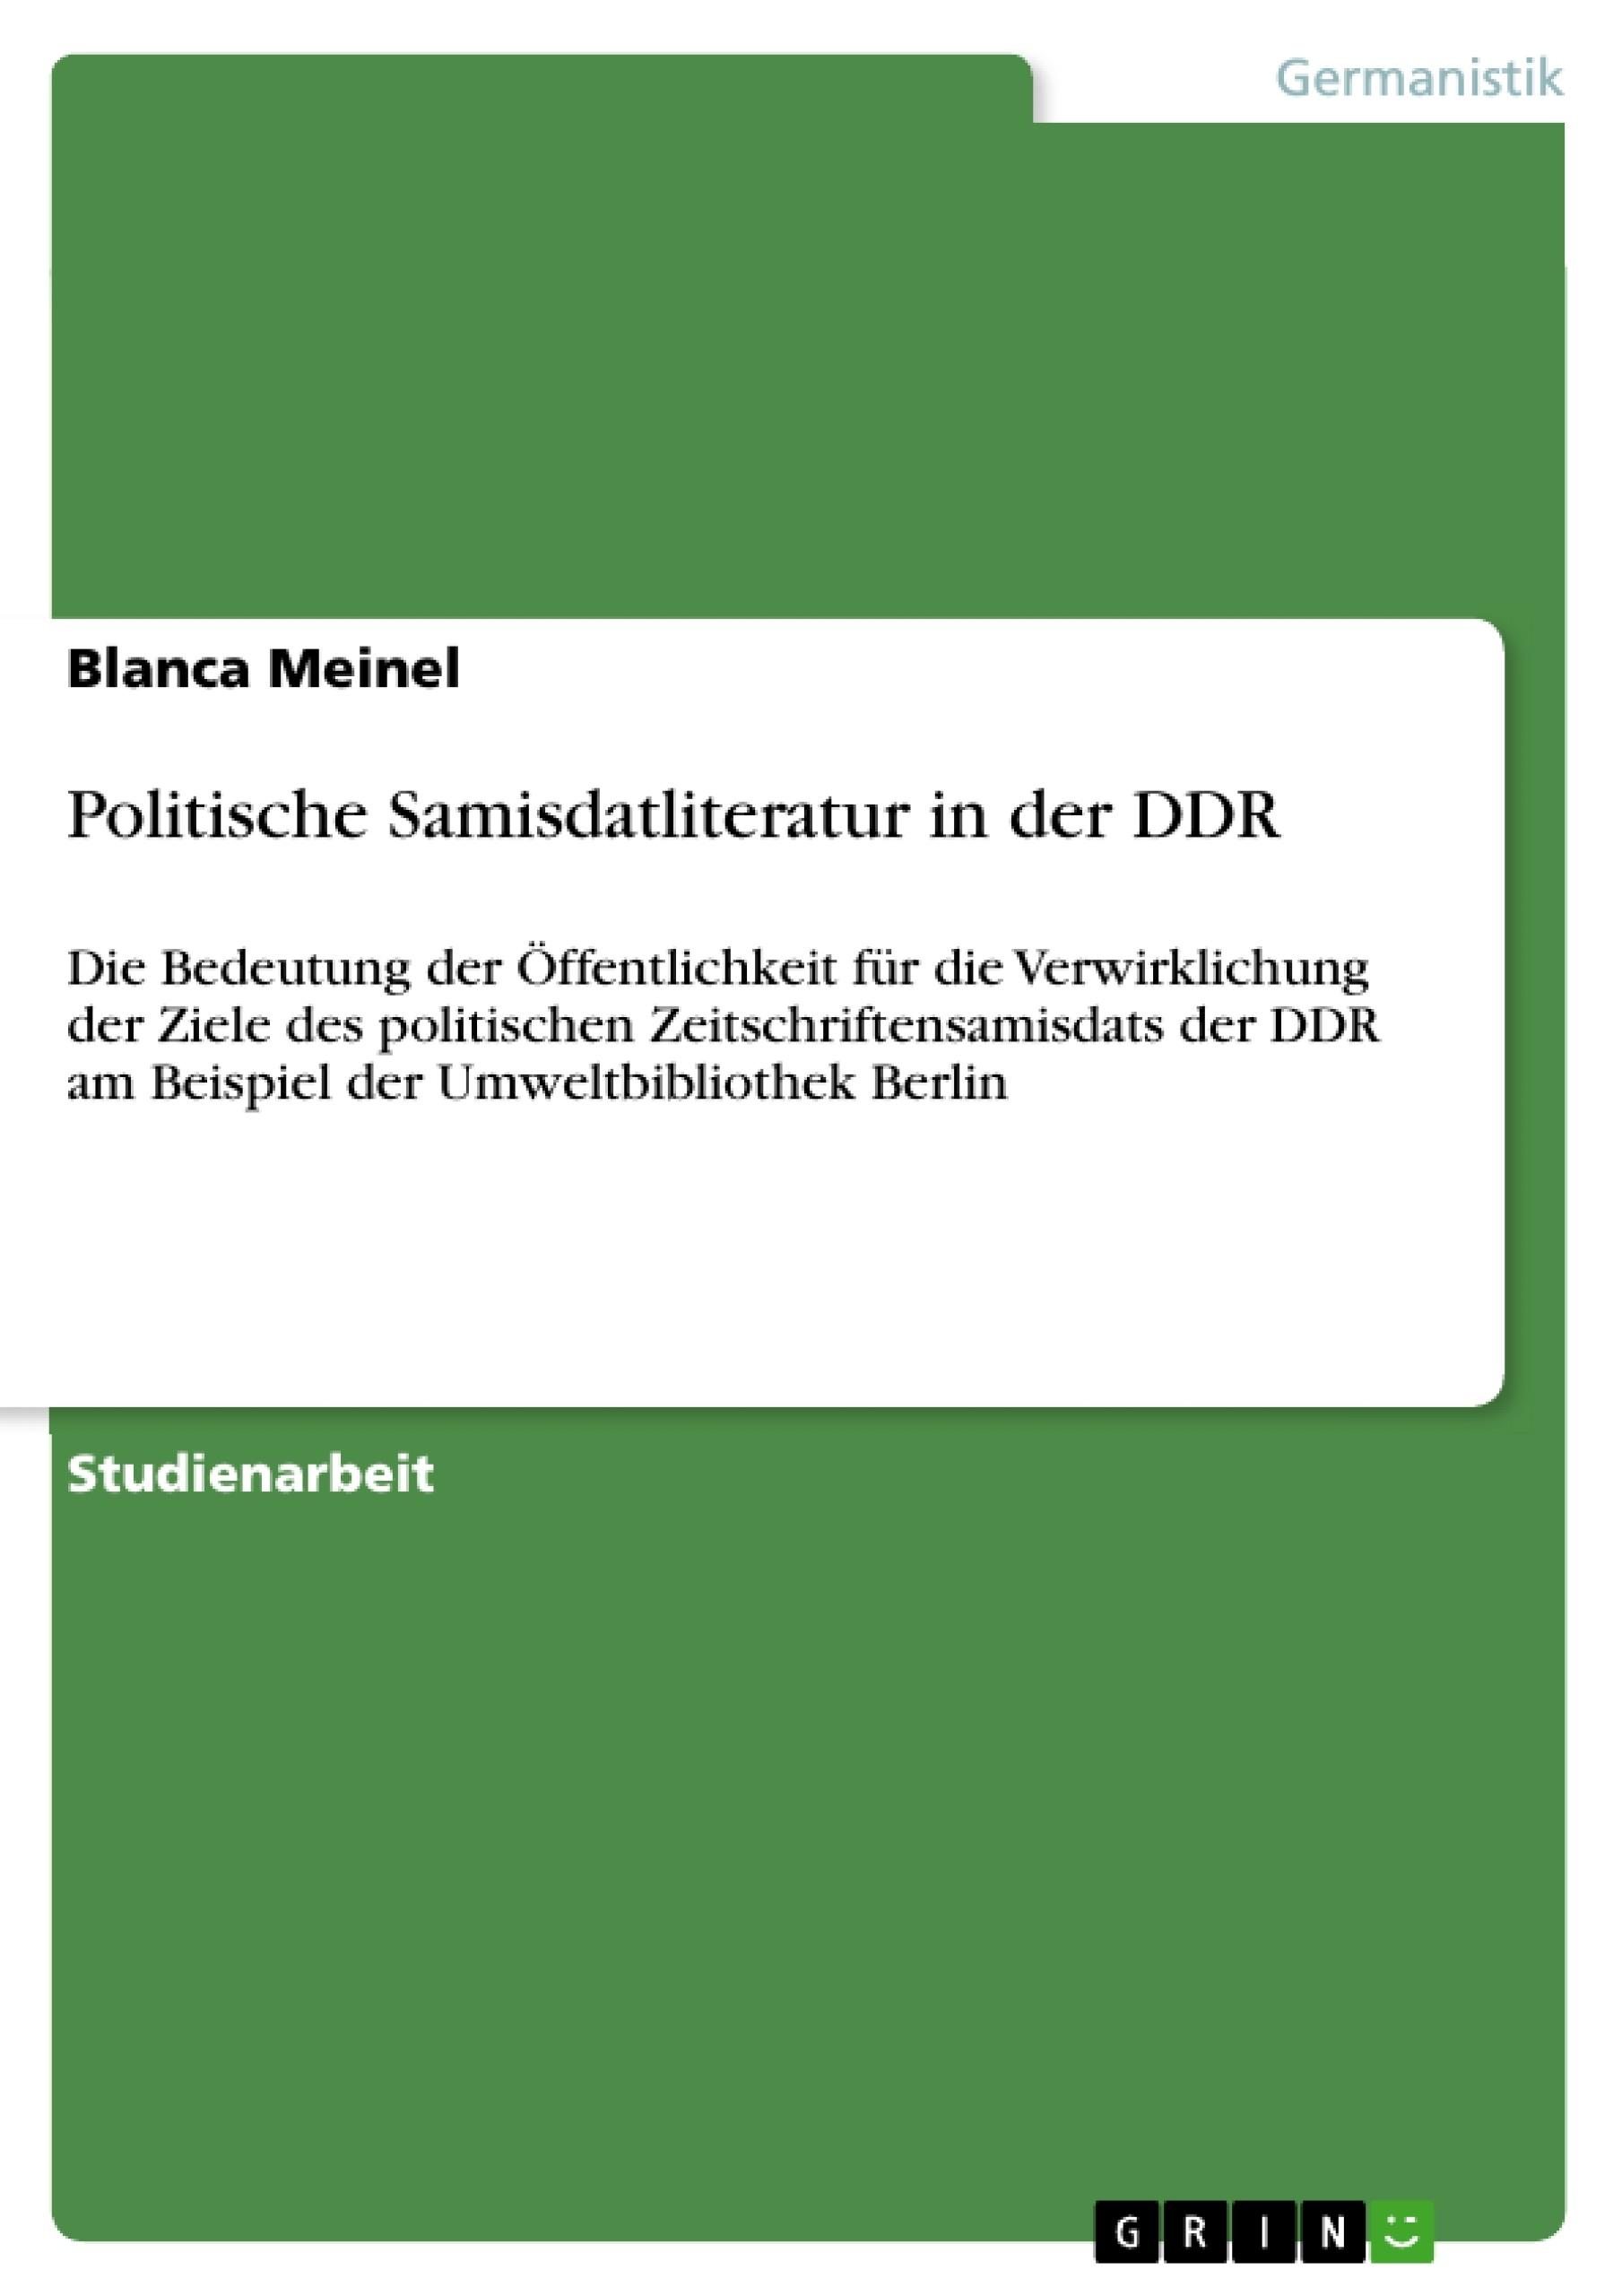 Titel: Politische Samisdatliteratur in der DDR